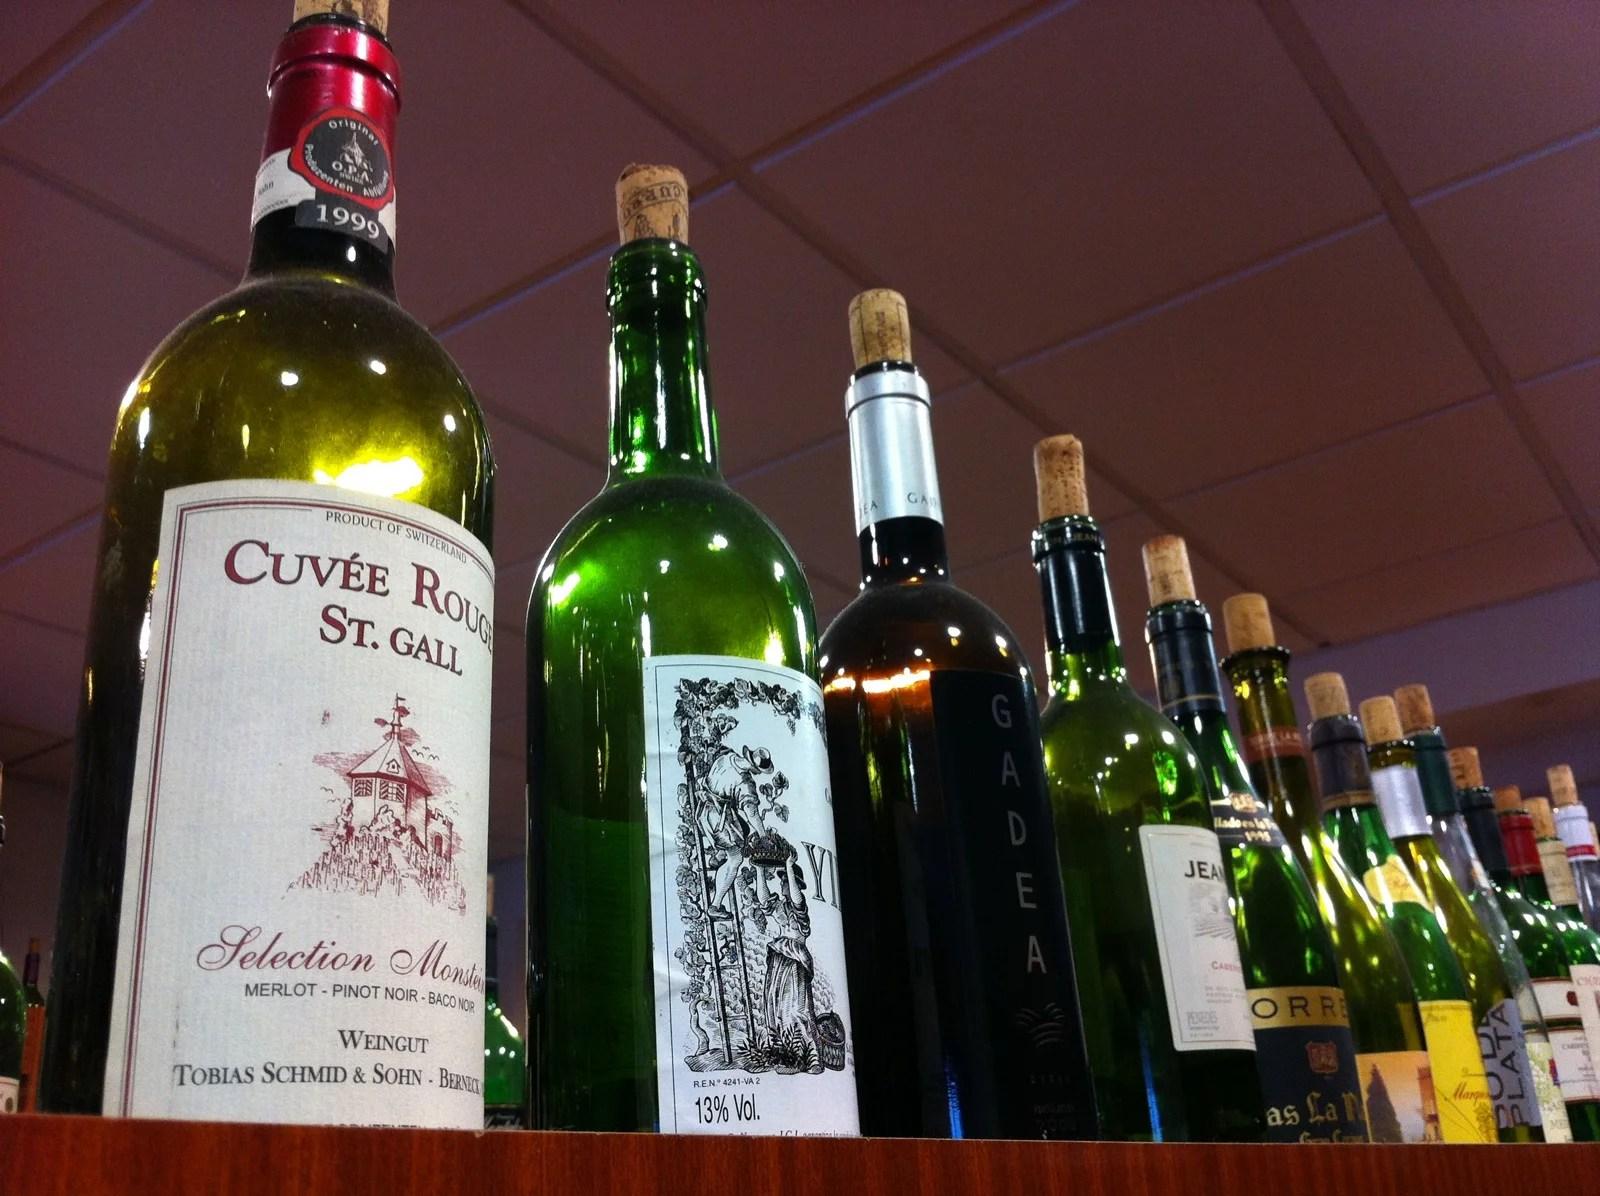 Fotos de Vinos Y Licores Nuevo Siglo  Imgenes